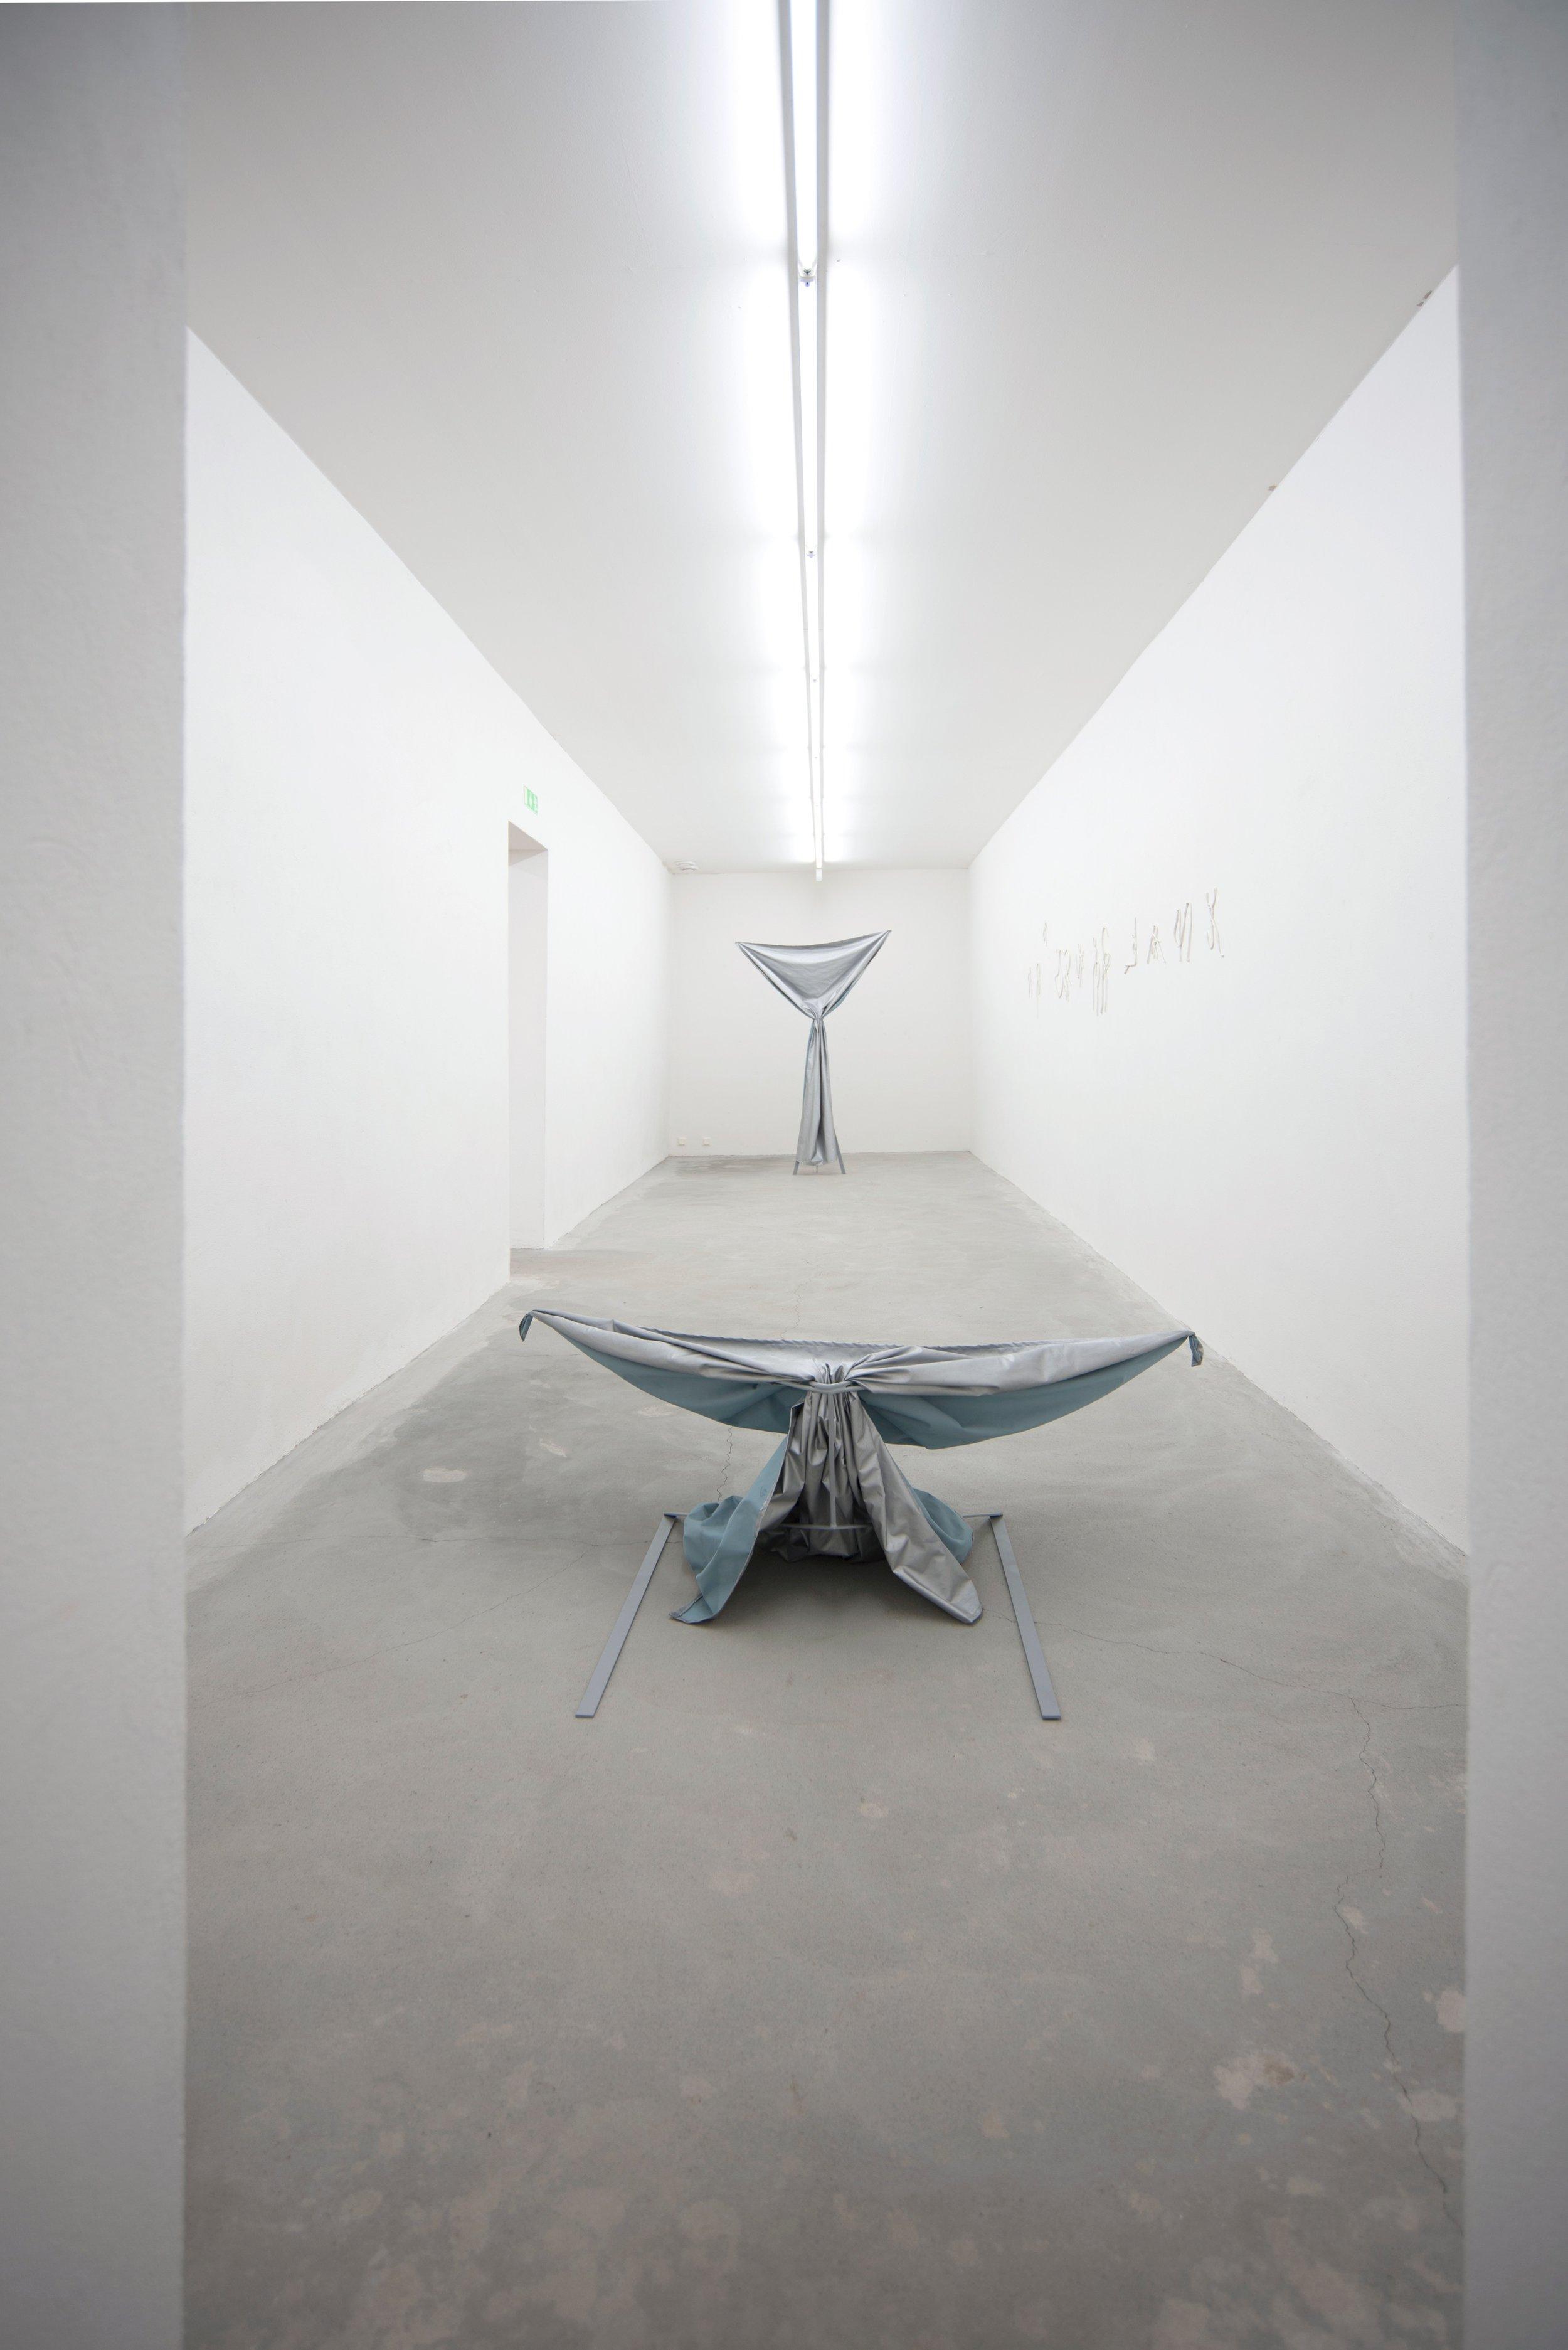 """Ellinor Lager - Ellinor Lagers arbete kretsar kring skulptur, kropp och språk. Skulpturerna uppstår i ett korsande av materialitet, text och kropp som hybrider mellan tecken och ting, som språk. Genom materialens språklighet möter konstnären sin egen kropp.Lager skriver med objekt. I skulpturerna sammanförs olika narrativ och nya; kroppens längtan, barndomsrester, gester. Intertextualiteten leder ofta arbetet vidare både genom materialet och genom konstnären själv. Ellinor återgår, återkommer, letar och skriver. Skapar hybrider och ett språk som stämmer överens med- och förankrar kroppen.Hon gör lod, varje skulptur är sin egen men likväl ett brottstycke av en större text som föds i den priviligerade sidopositionen, i dunkelt, skugglandskapet att vara kvinna och moder till två.Den texten är en intrikat väv som gör att objekten allt som oftas inte kan vara bundna till egna titlar. Utan snarare flyttas runt i utställningsrummen som tecken vilka agerar och aktiverar installationer/utställningar som tidigare har haft titlar som Some Sunsets don't Set, Heritage is Loose Strings and Knots och We Are Dark Matter in Drains.Det handlar om ändlösa skymningar, arv och mörk materia eller som hon sammanfattar det """"Earth dough""""."""